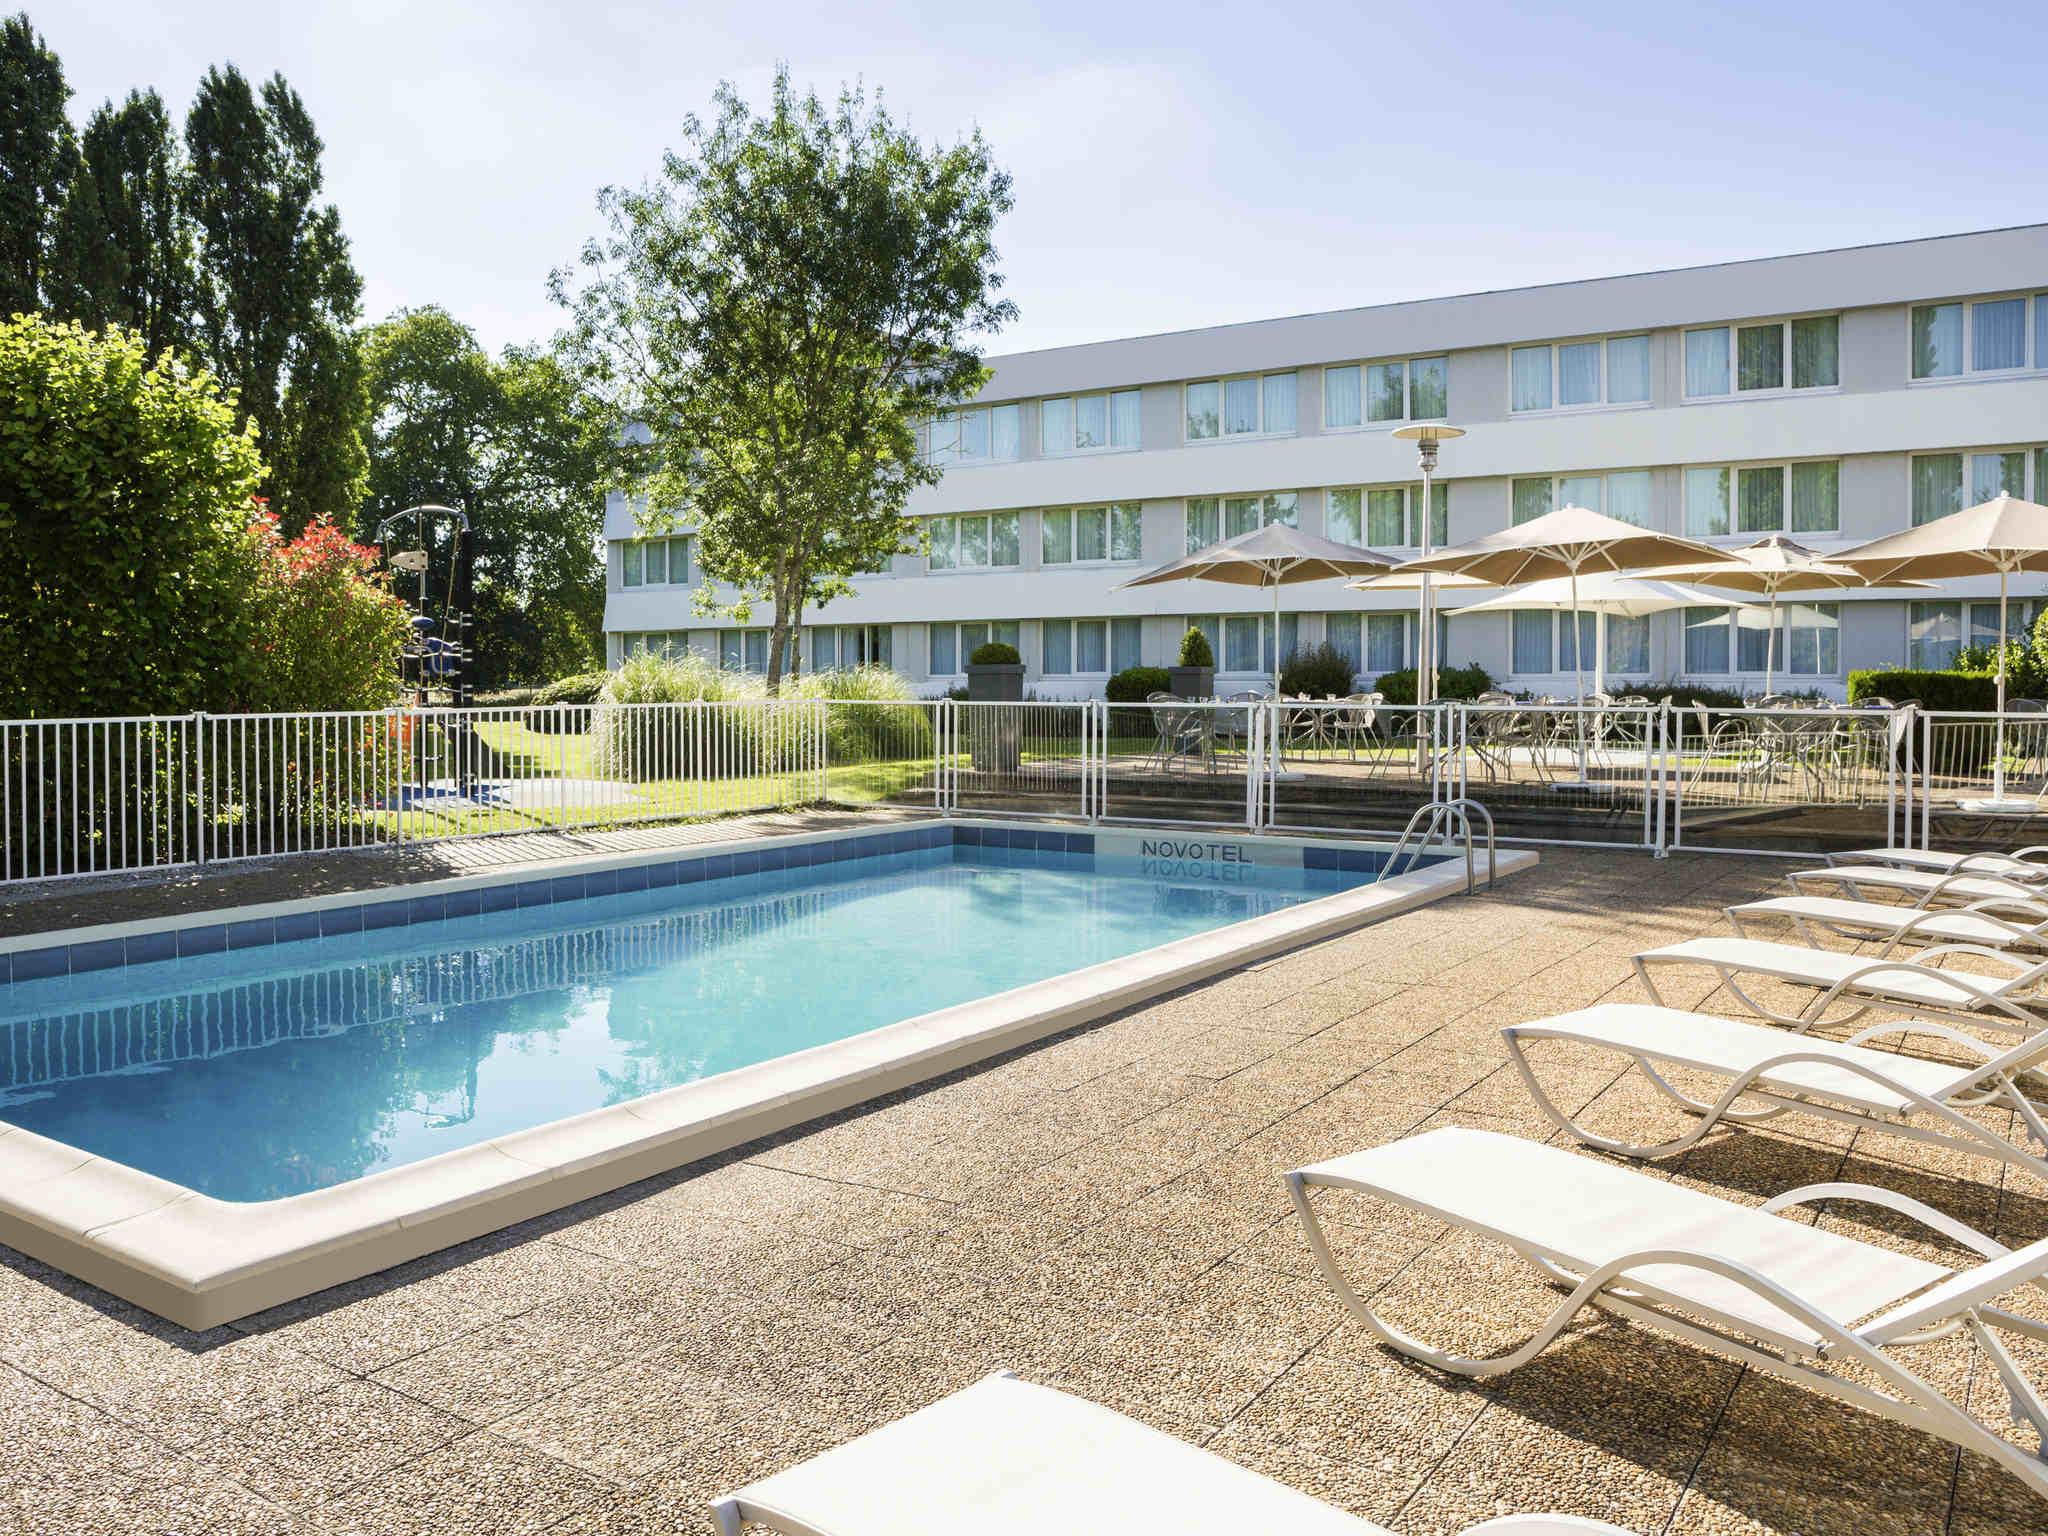 Hotel – Novotel Le Mans